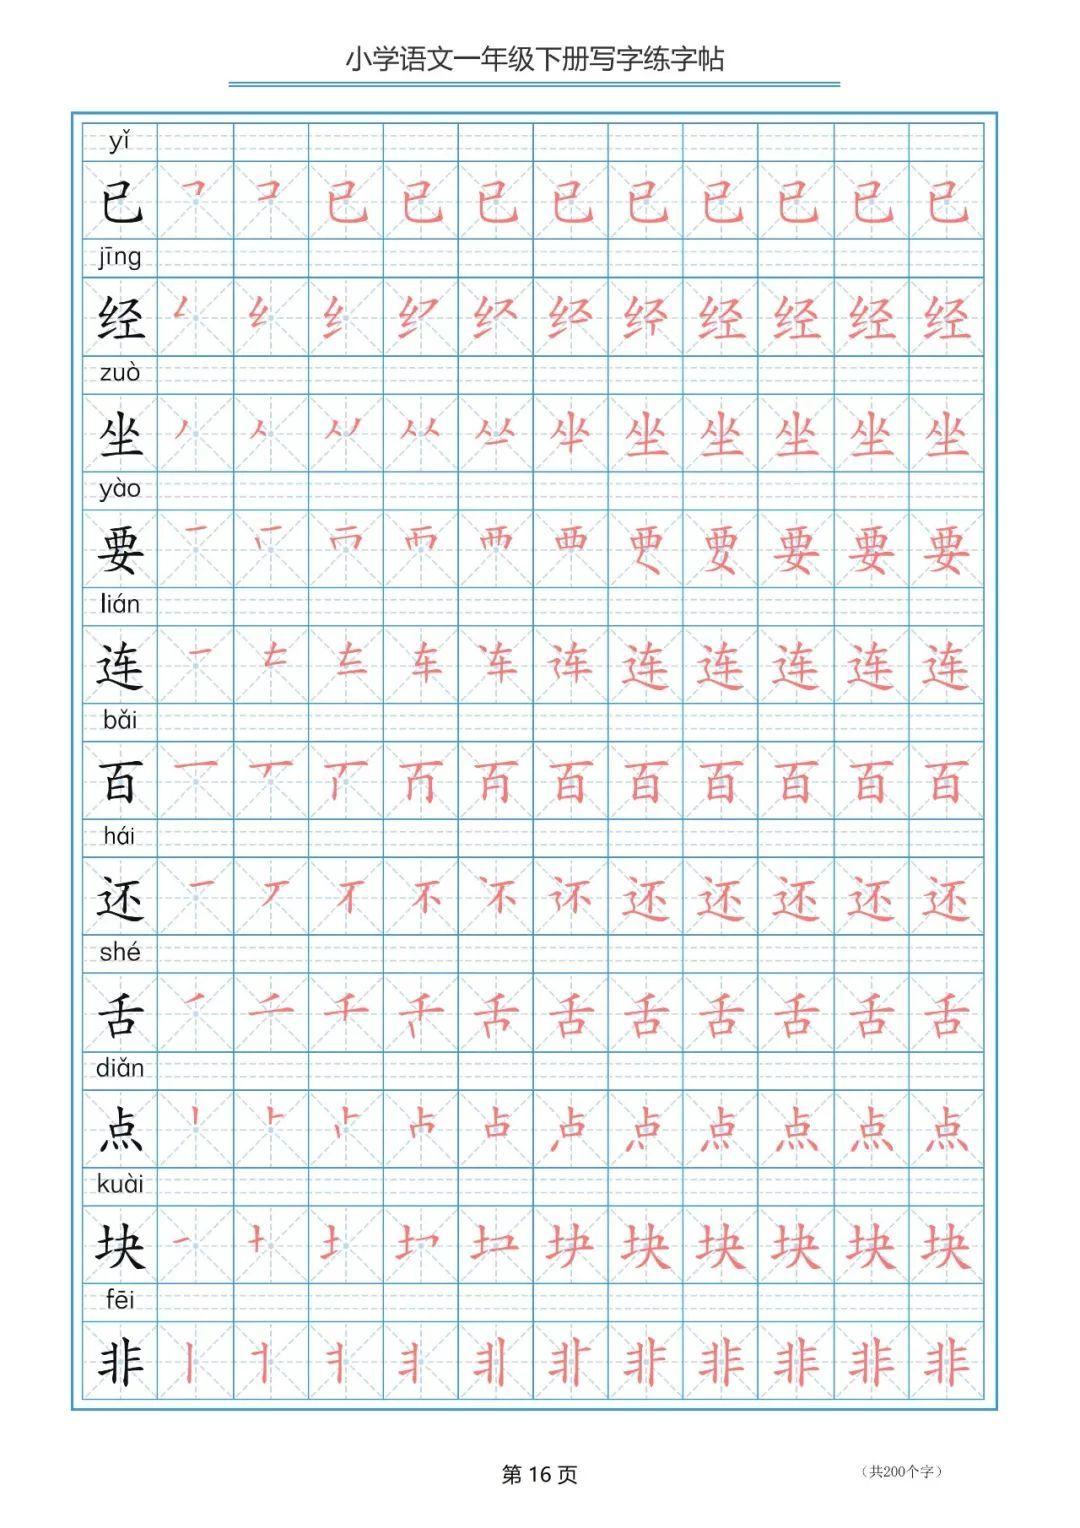 一年级语文下册 写字表生字笔顺练字帖下